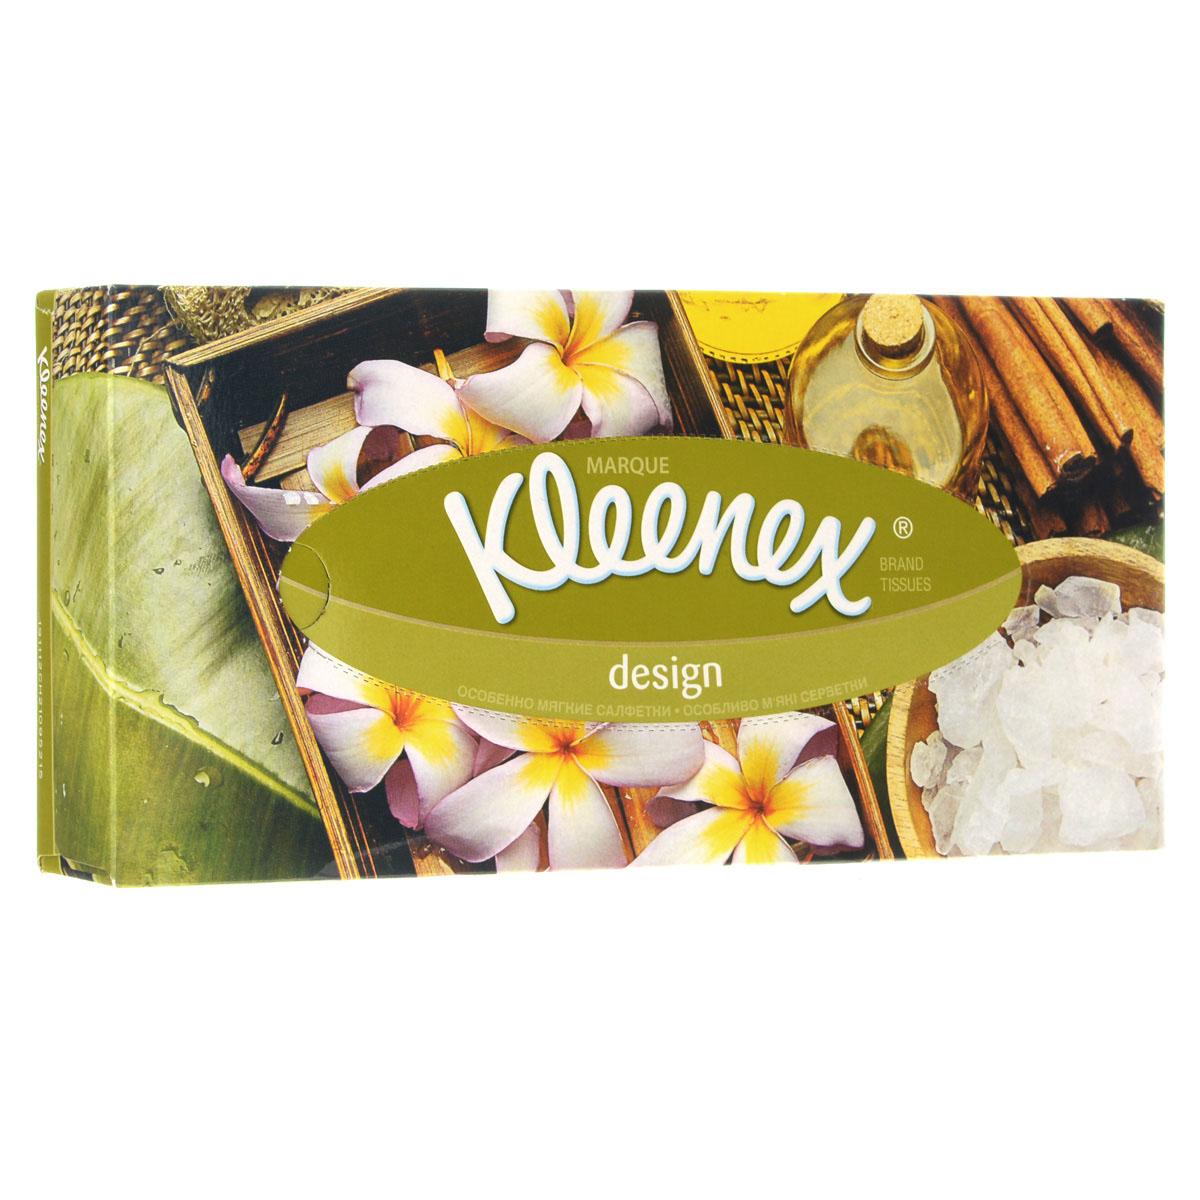 Салфетки универсальные Kleenex Design. Нарциссы, двухслойные, 21,6 х 21,6 см, 70 шт260831770